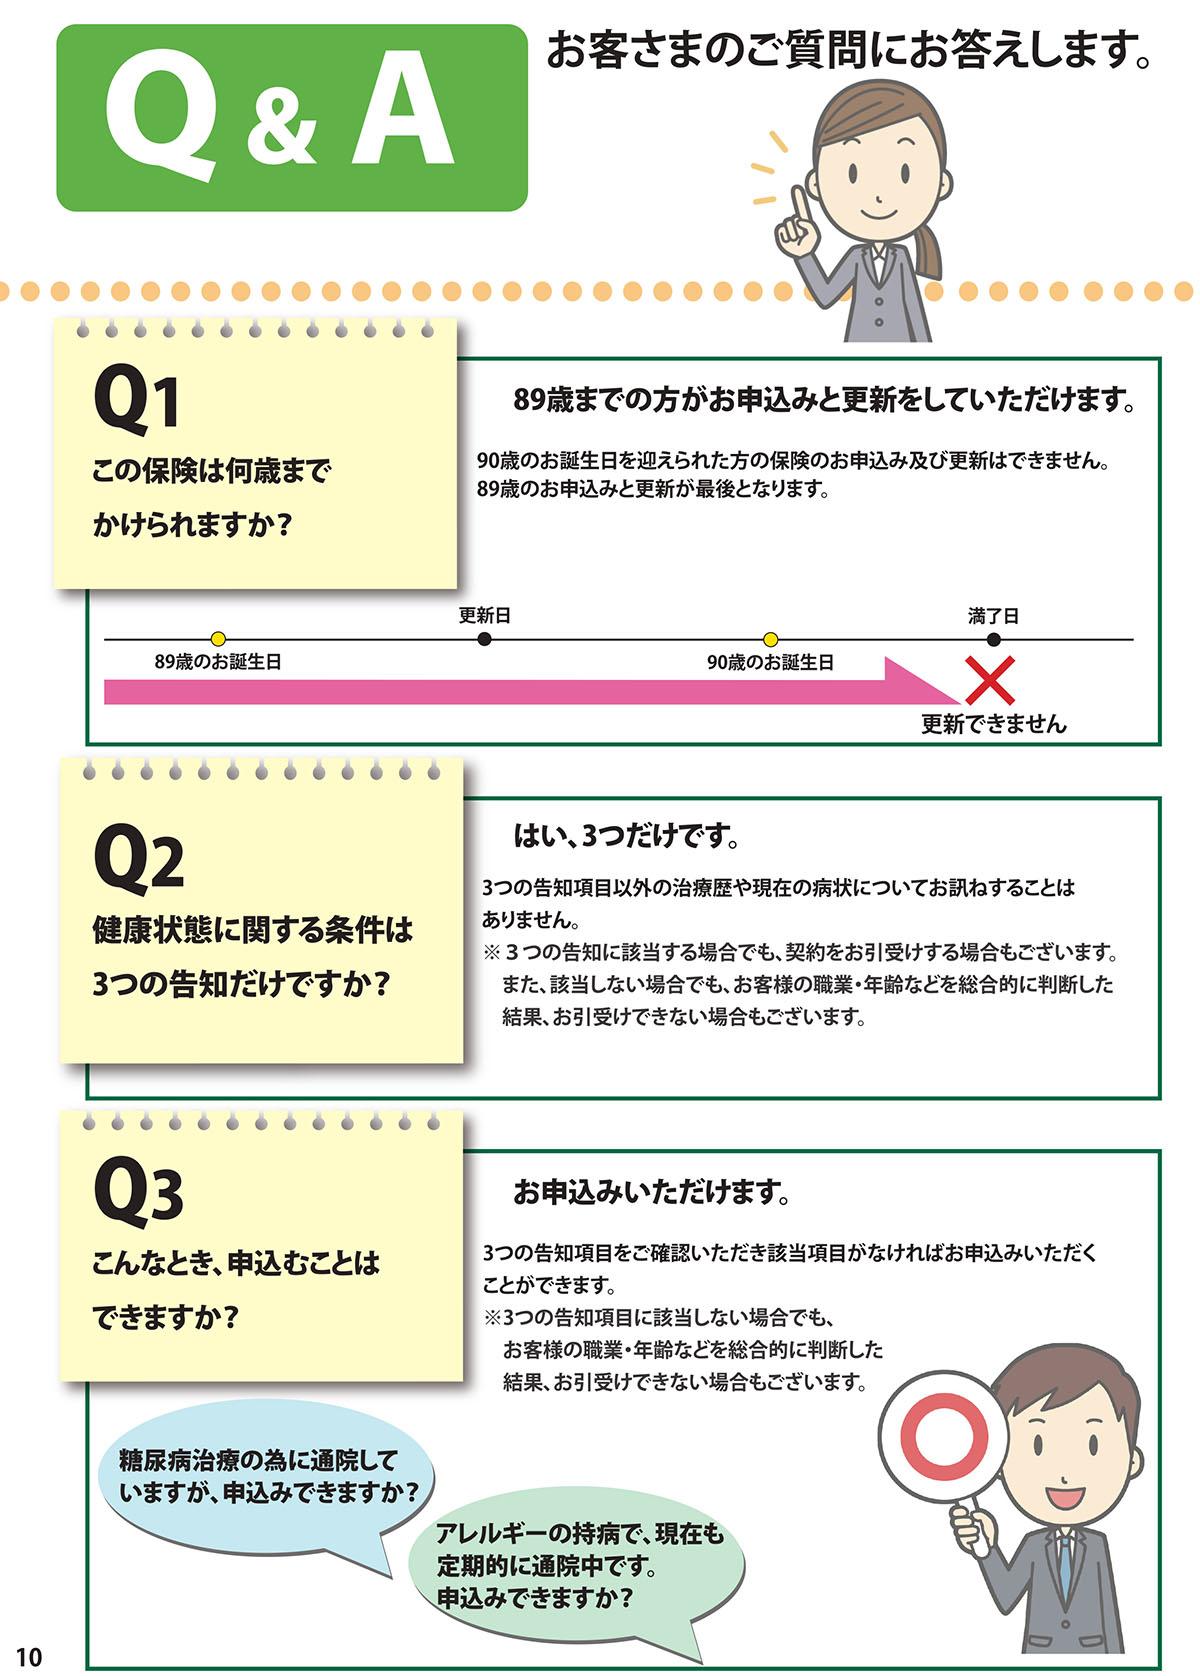 糖尿病保険のQ&A